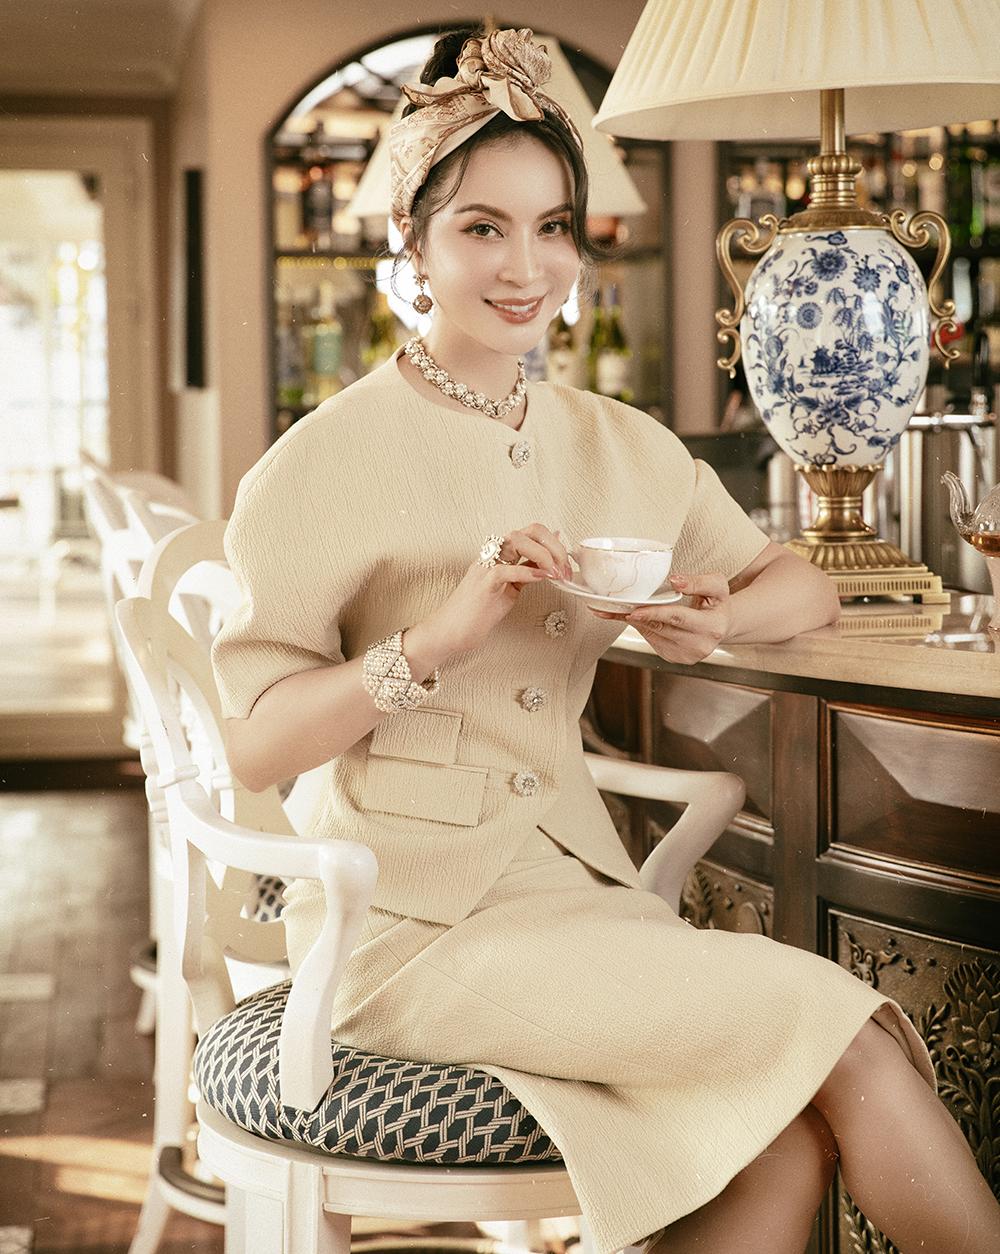 Người đẹp kết hợp thêm khăn turban để tăng thêm sự trẻ trung, hợp mốt trong mùa hè.